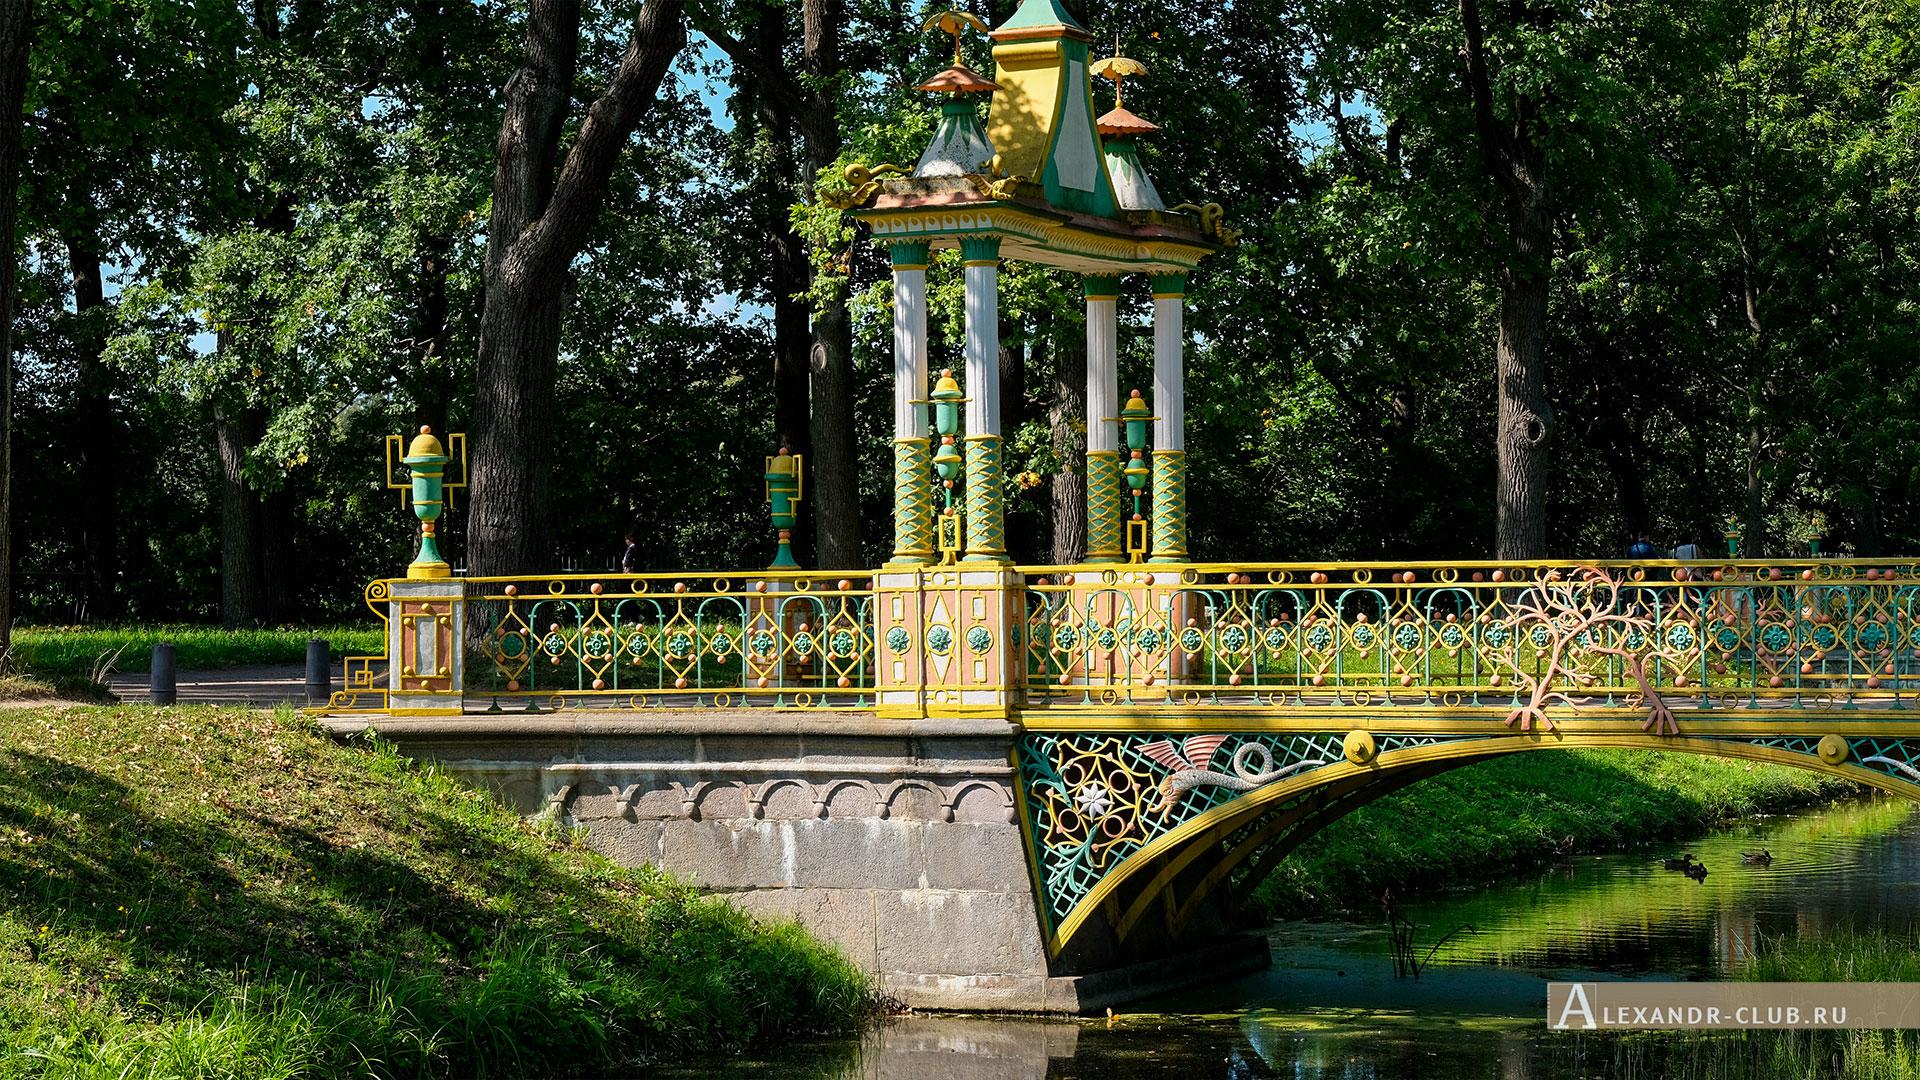 Царское Село, лето, Александровский парк, Китайский мостик